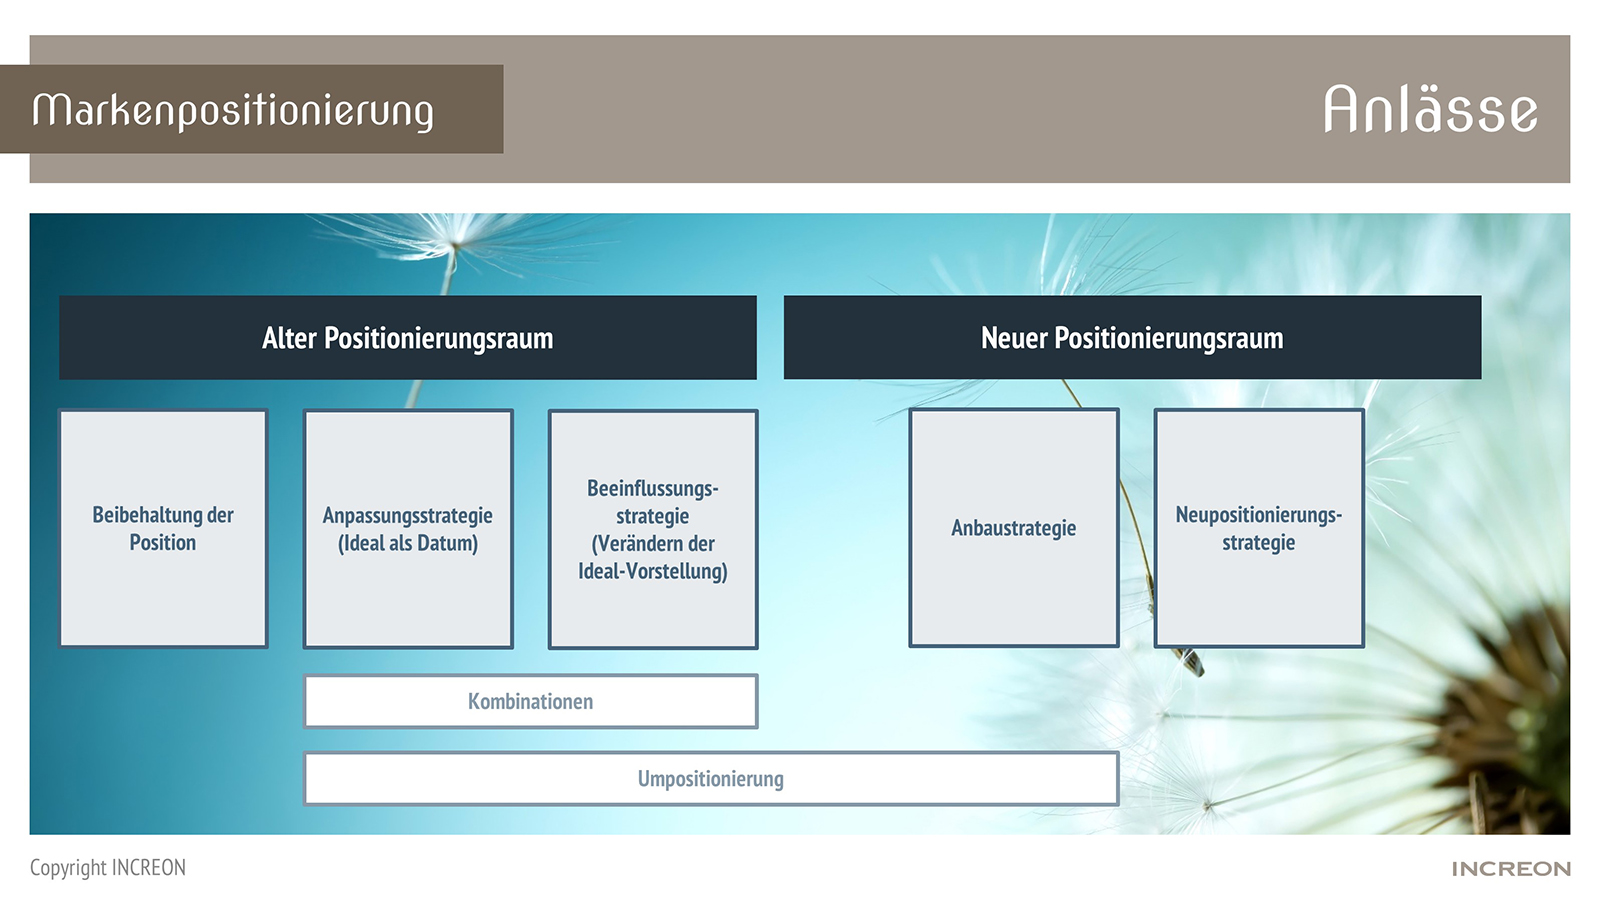 Zwischen der Beibehaltung der Position einerseits und der Neupositionierungsstrategie andererseitsgibt es verschiedene Ausprägungen und Kombinationen.